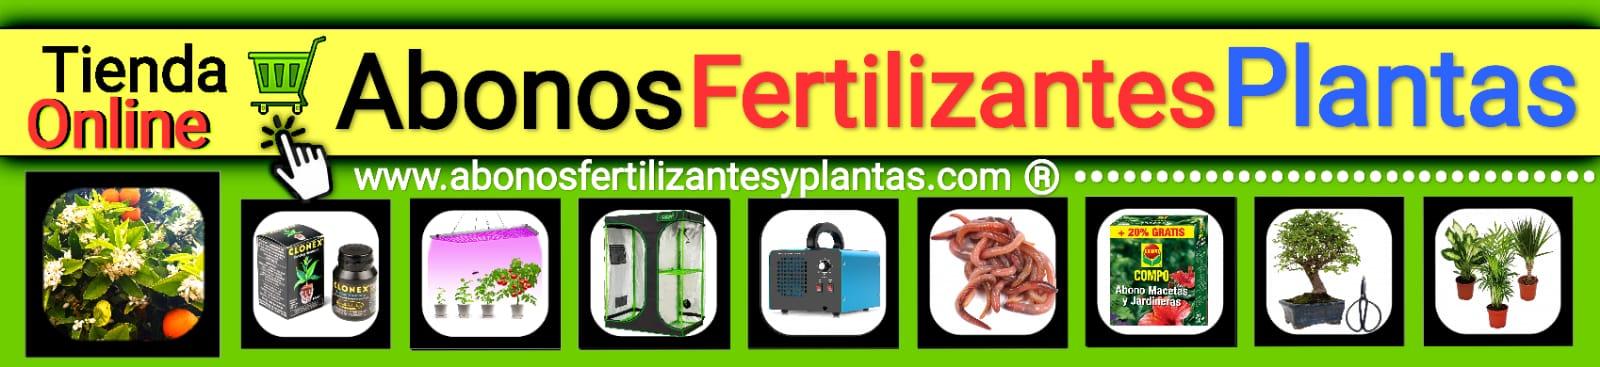 Abonos Fertilizantes y Plantas